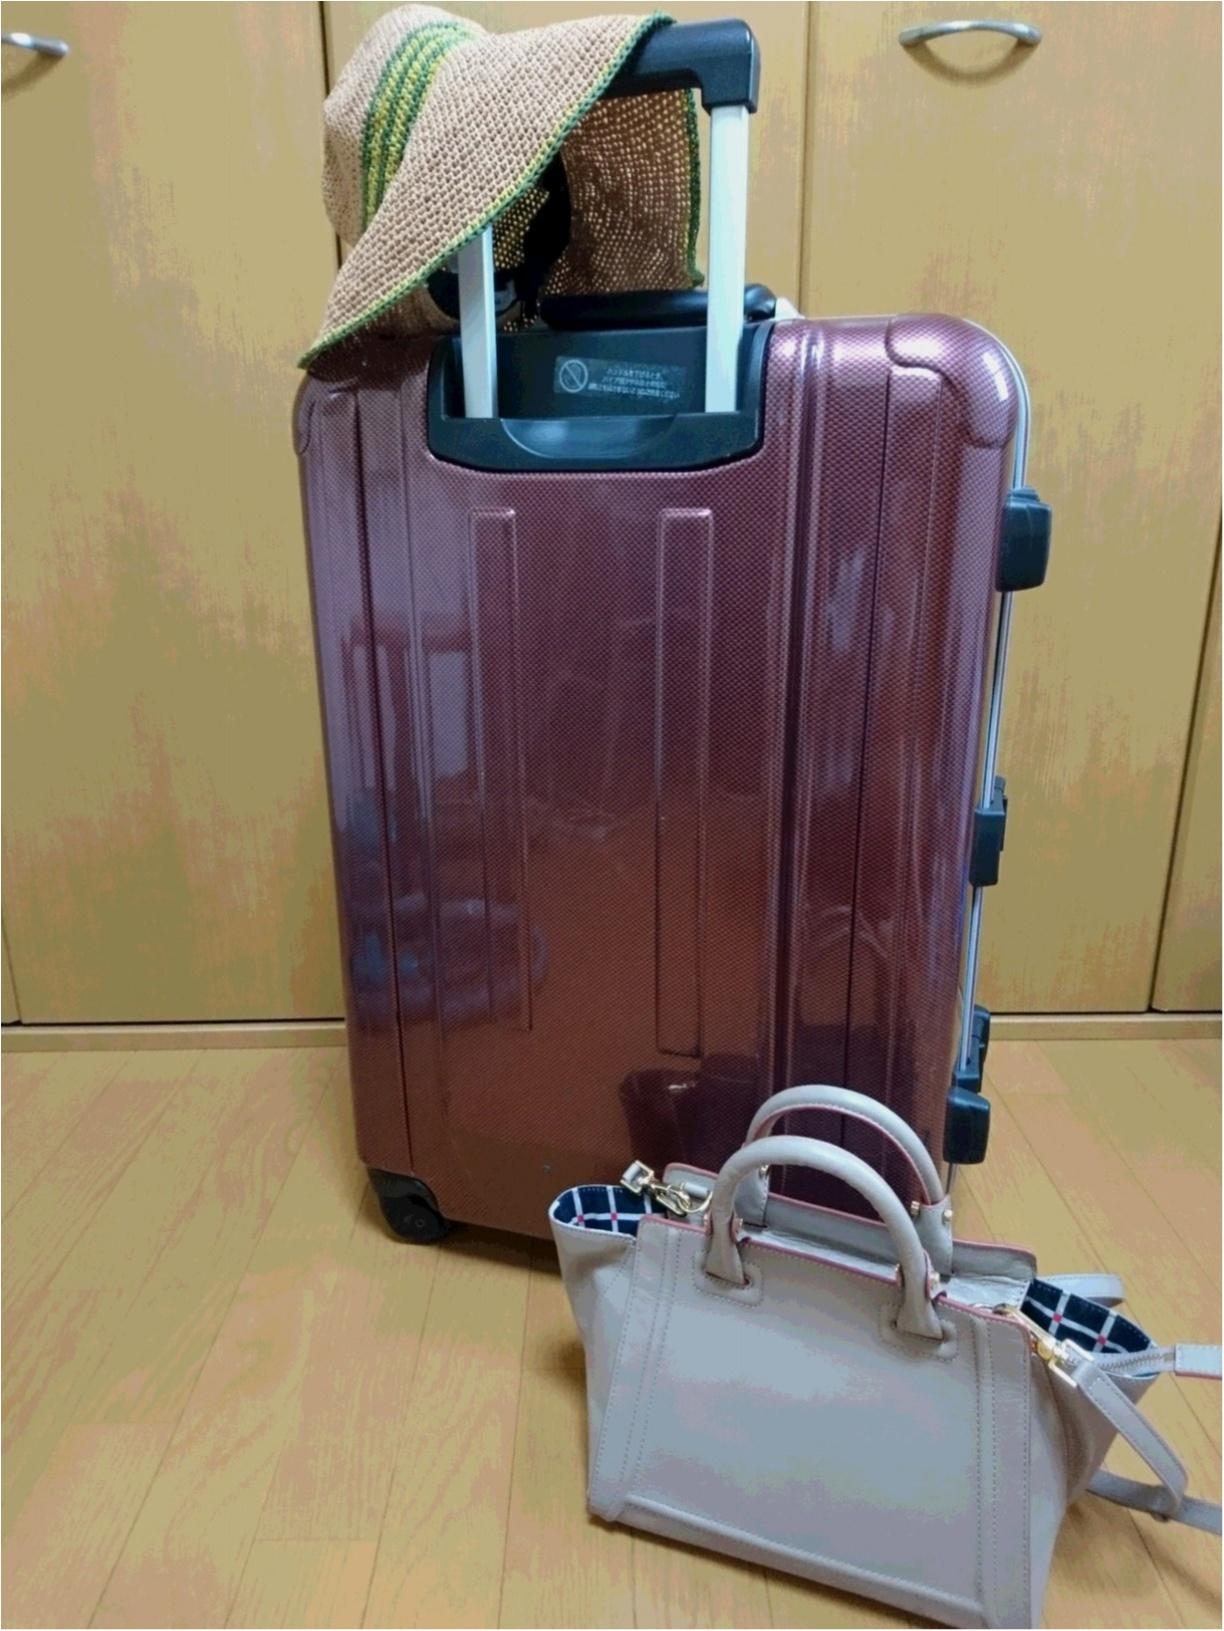 「婚活リング」に「和スイーツ」、「台湾旅行」まで読み応えたっぷりのブログがランクイン☆ 今週のモアハピ部人気ランキングトップ5!_1_2